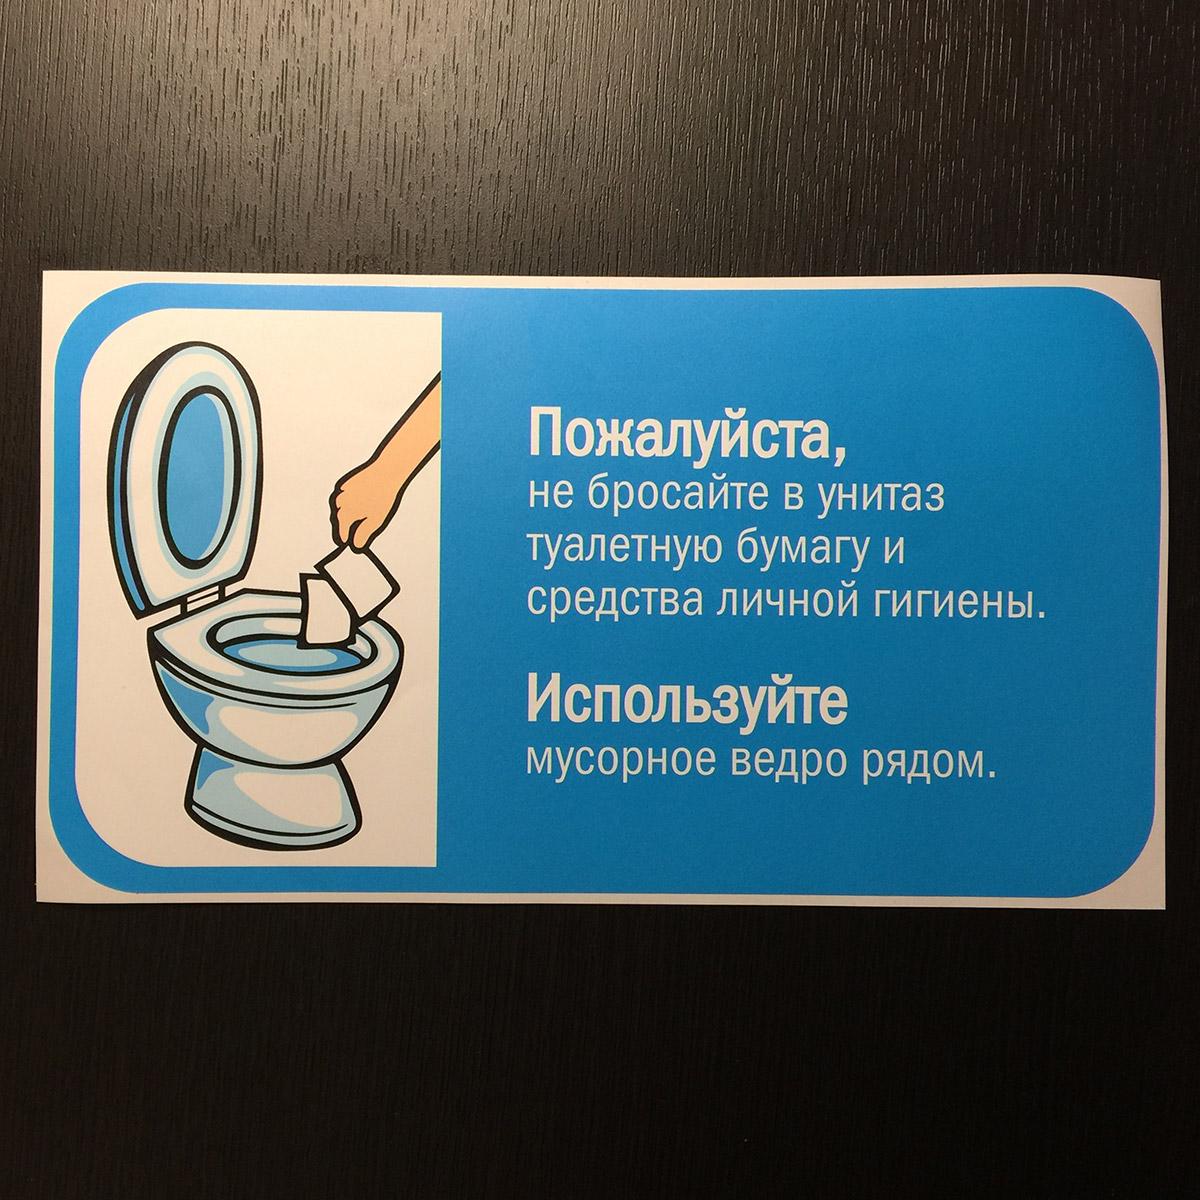 Опасно ли смывать в унитаз туалетную бумагу?